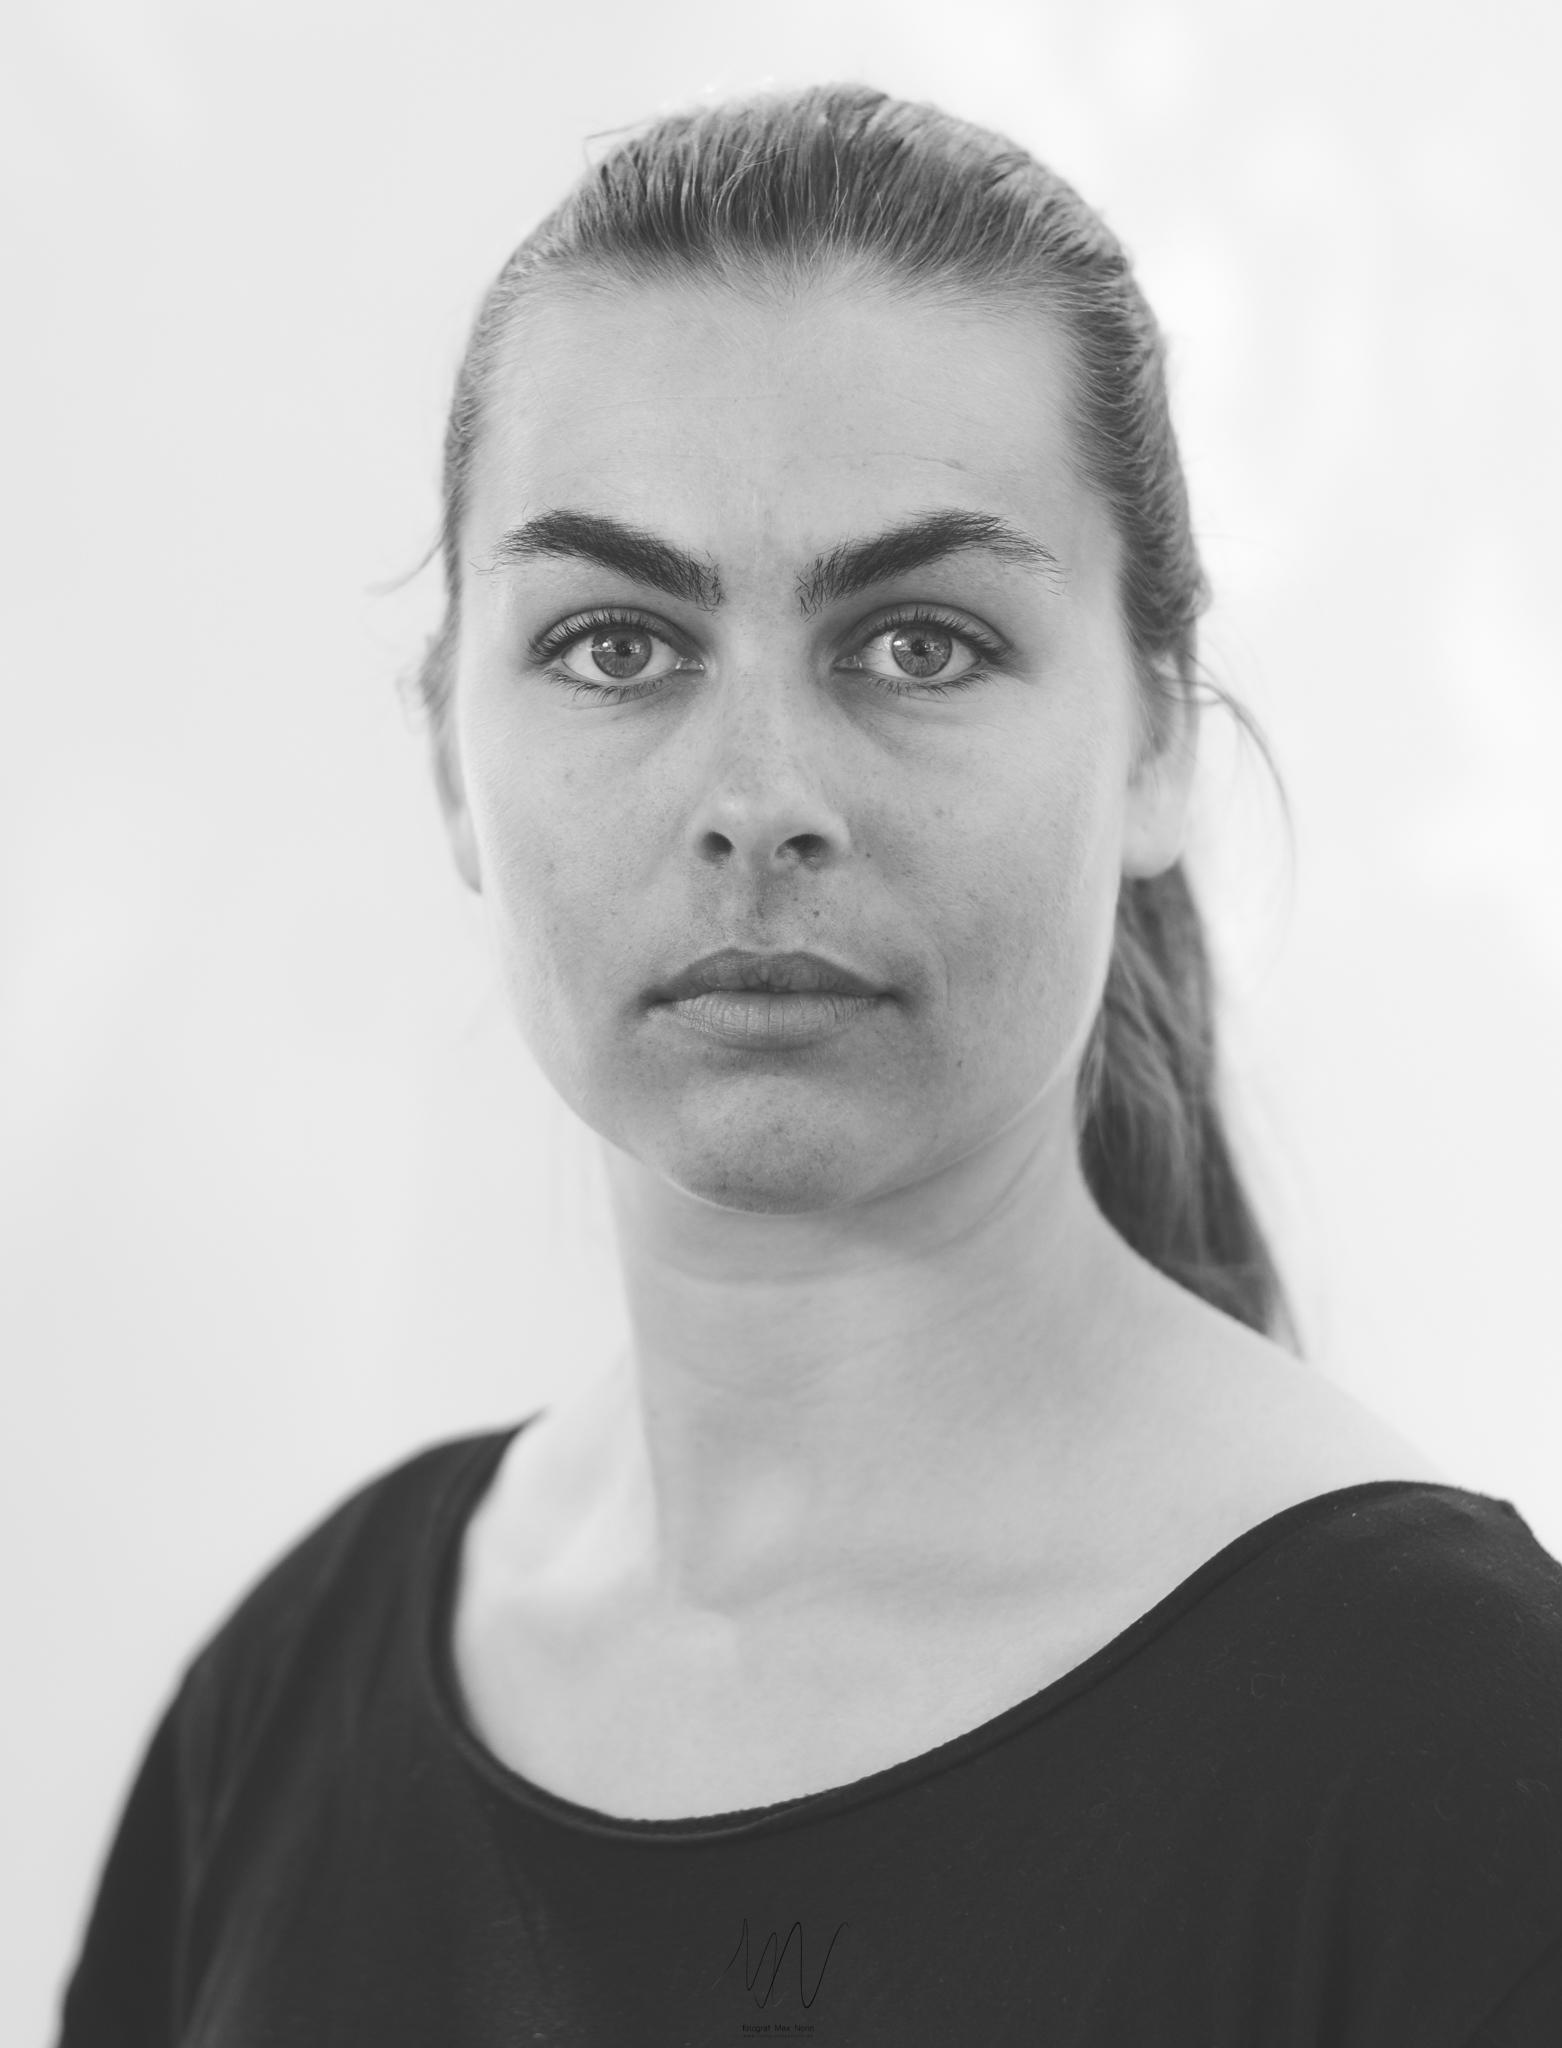 Porträtt-Fotograf-Max-Norin-SV-V-4.jpg